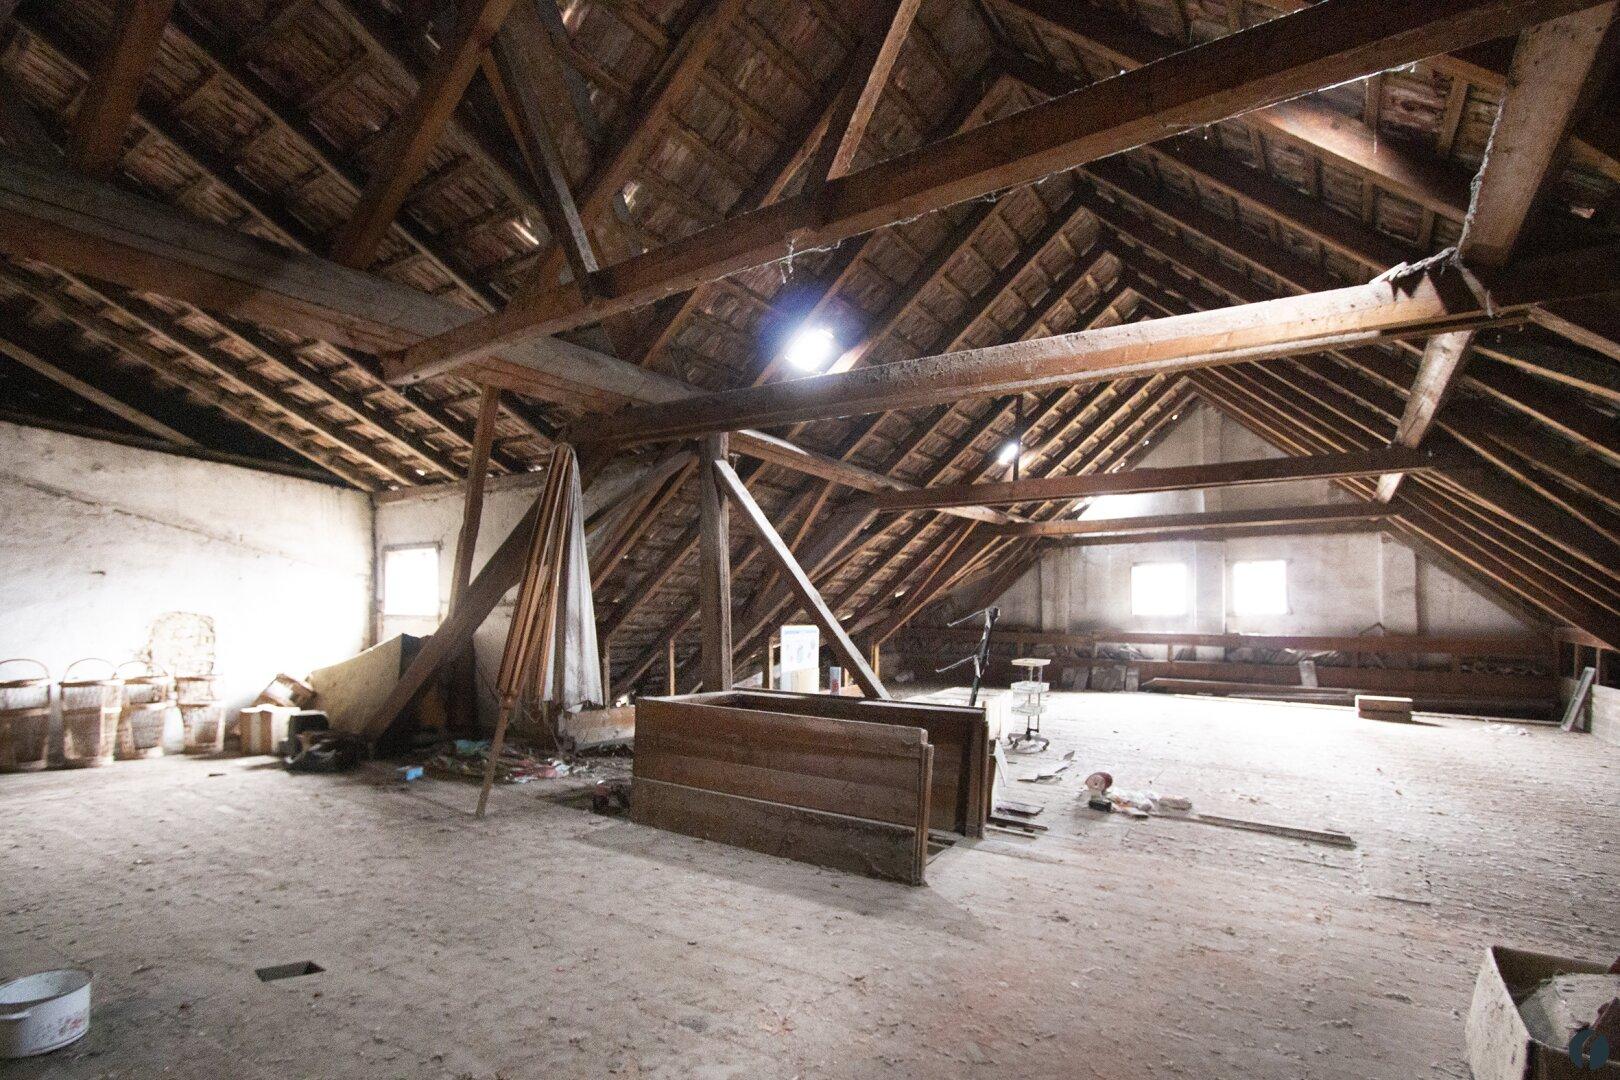 Dachboden im Nebengebäude